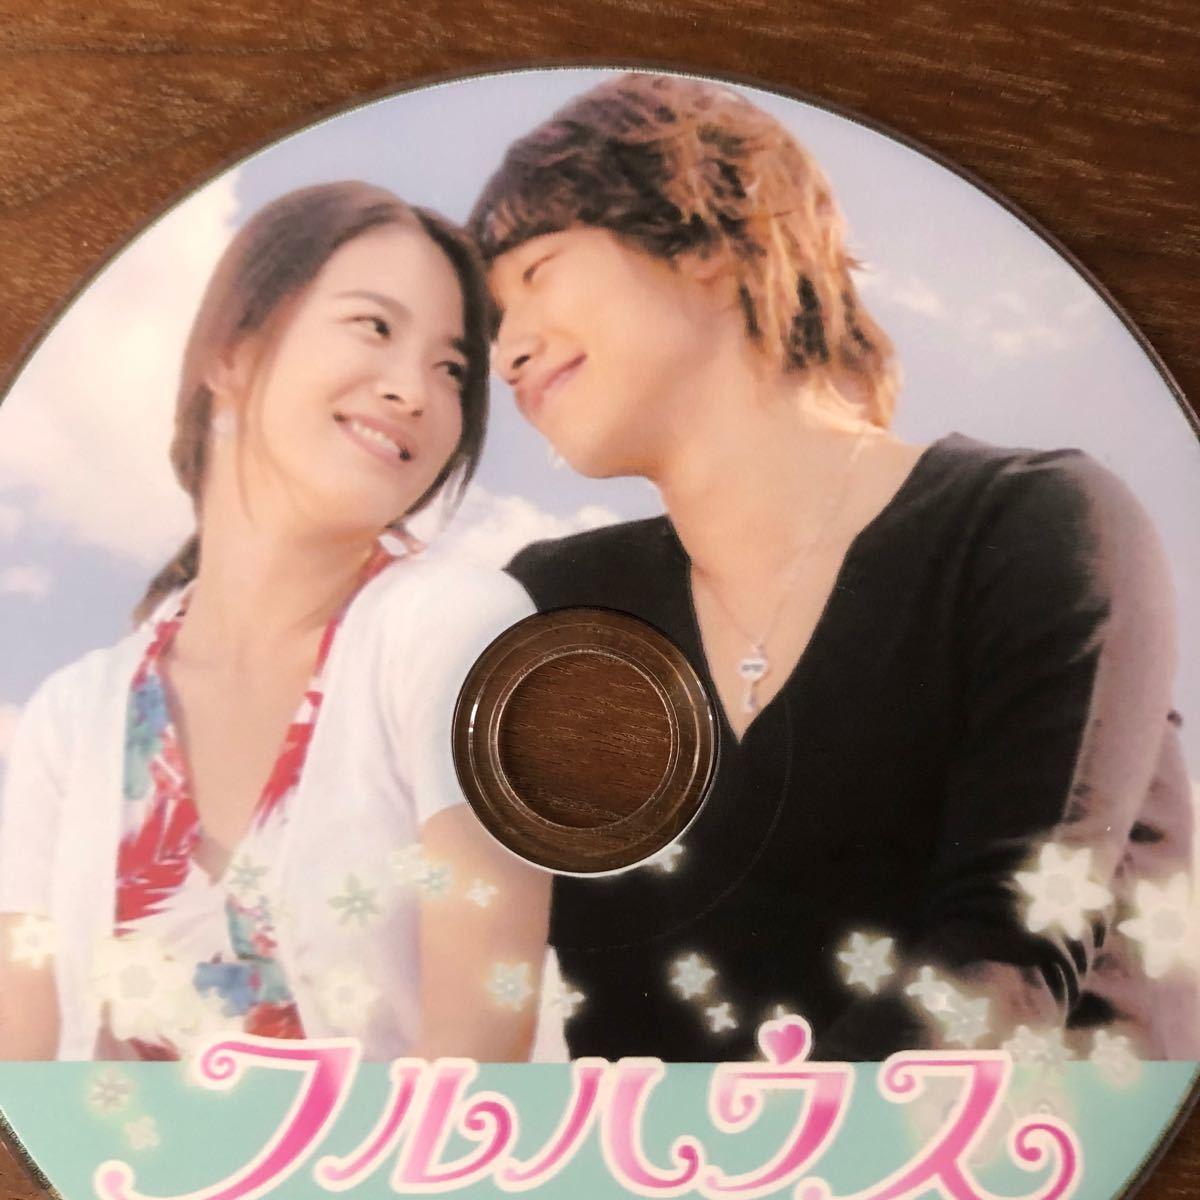 韓国ドラマ フルハウス 全話(DVD)(6枚収録)